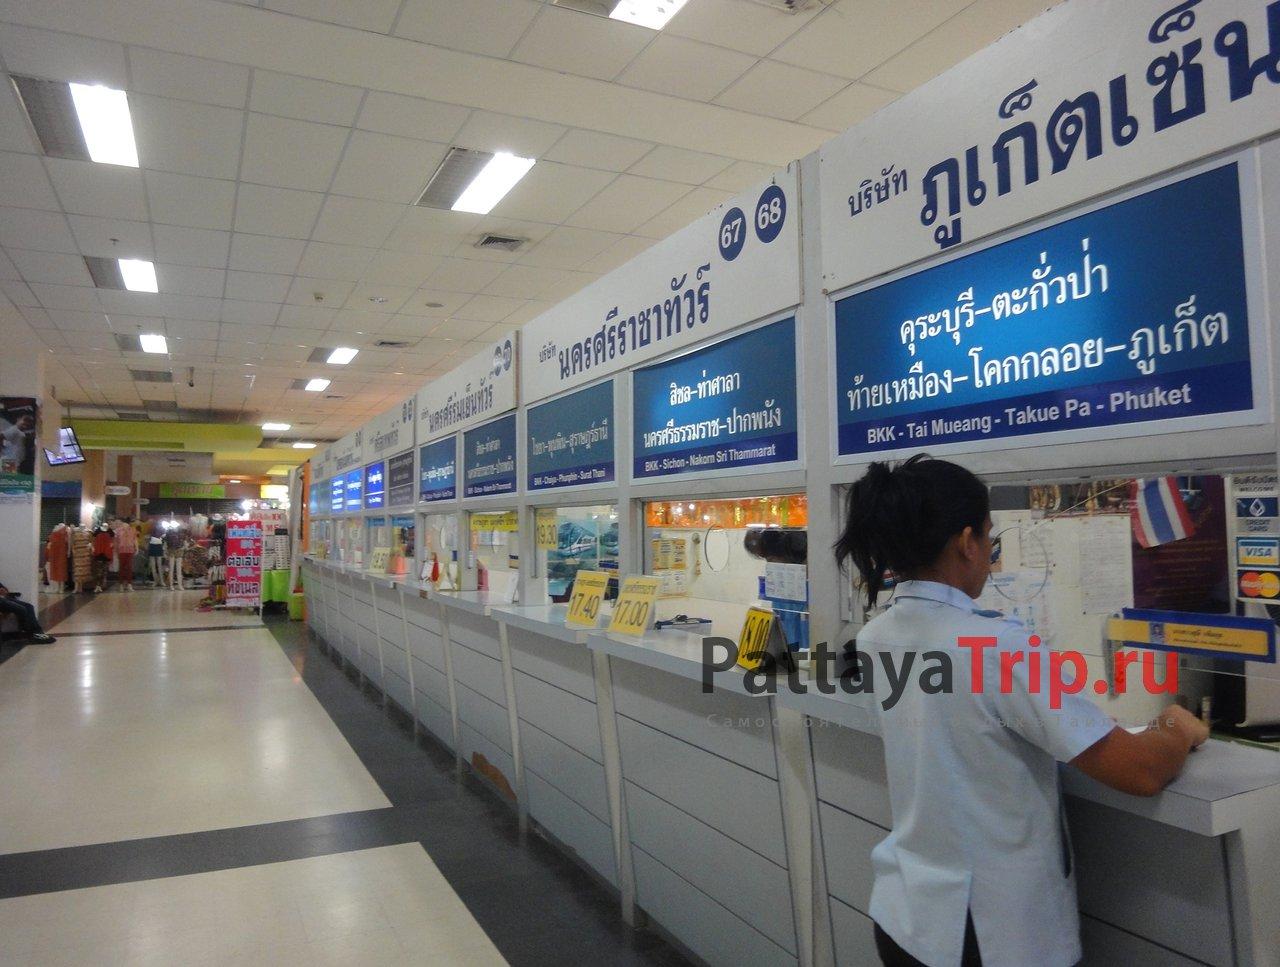 Как добраться до Паттайи из Бангкока самостоятельно: автобус, минибас, поезд